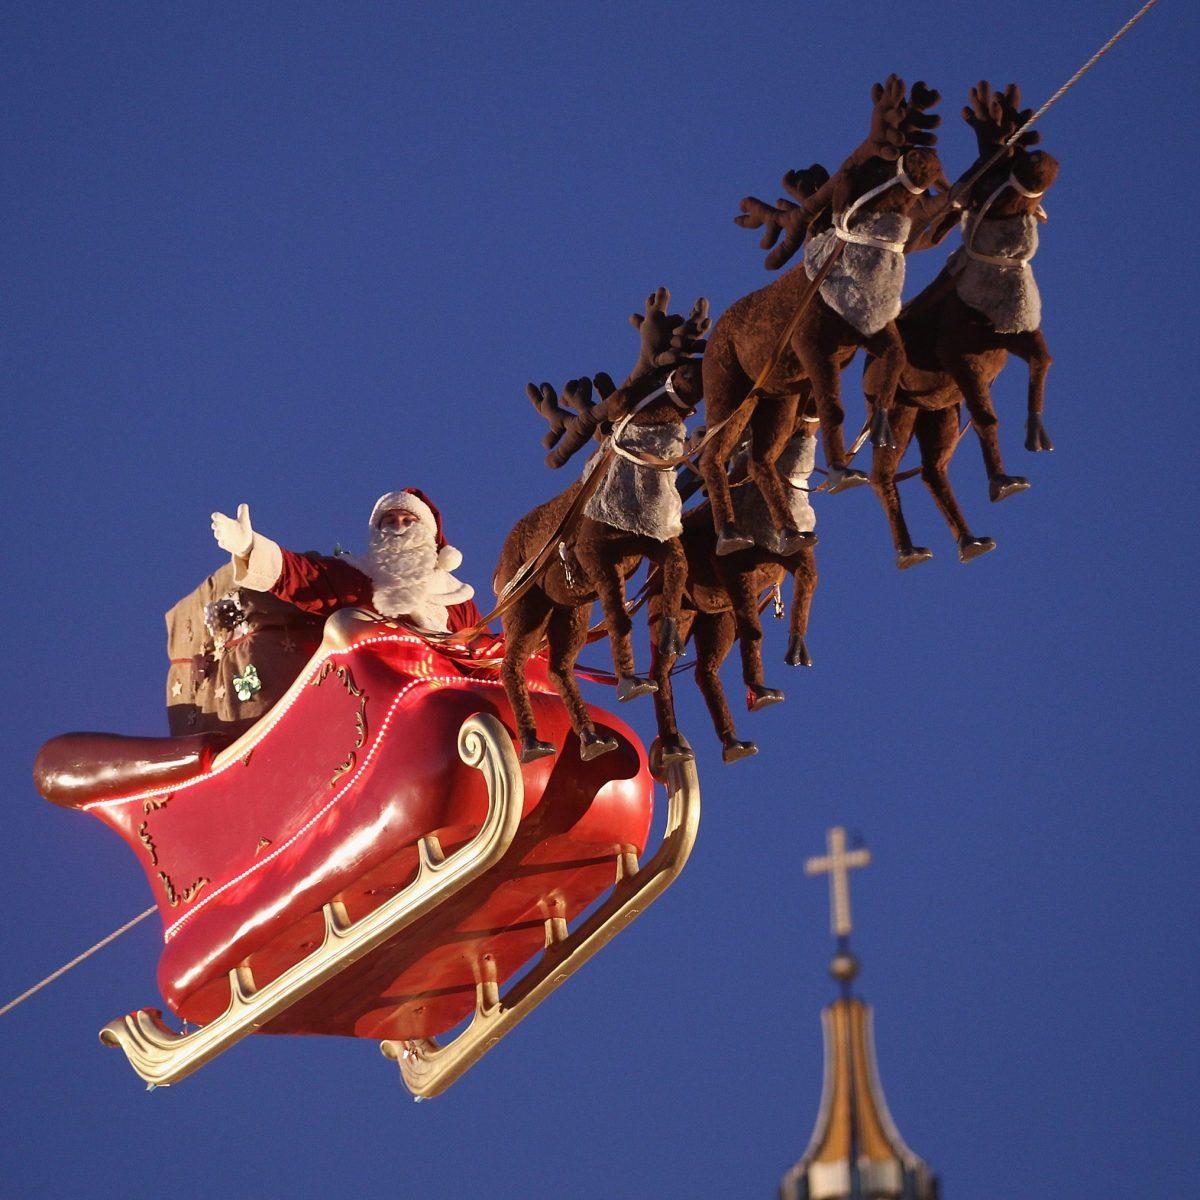 Auguri Di Natale Originali.Auguri Di Buon Natale Le 15 Frasi Piu Belle E Originali Per Augurare Buone Feste